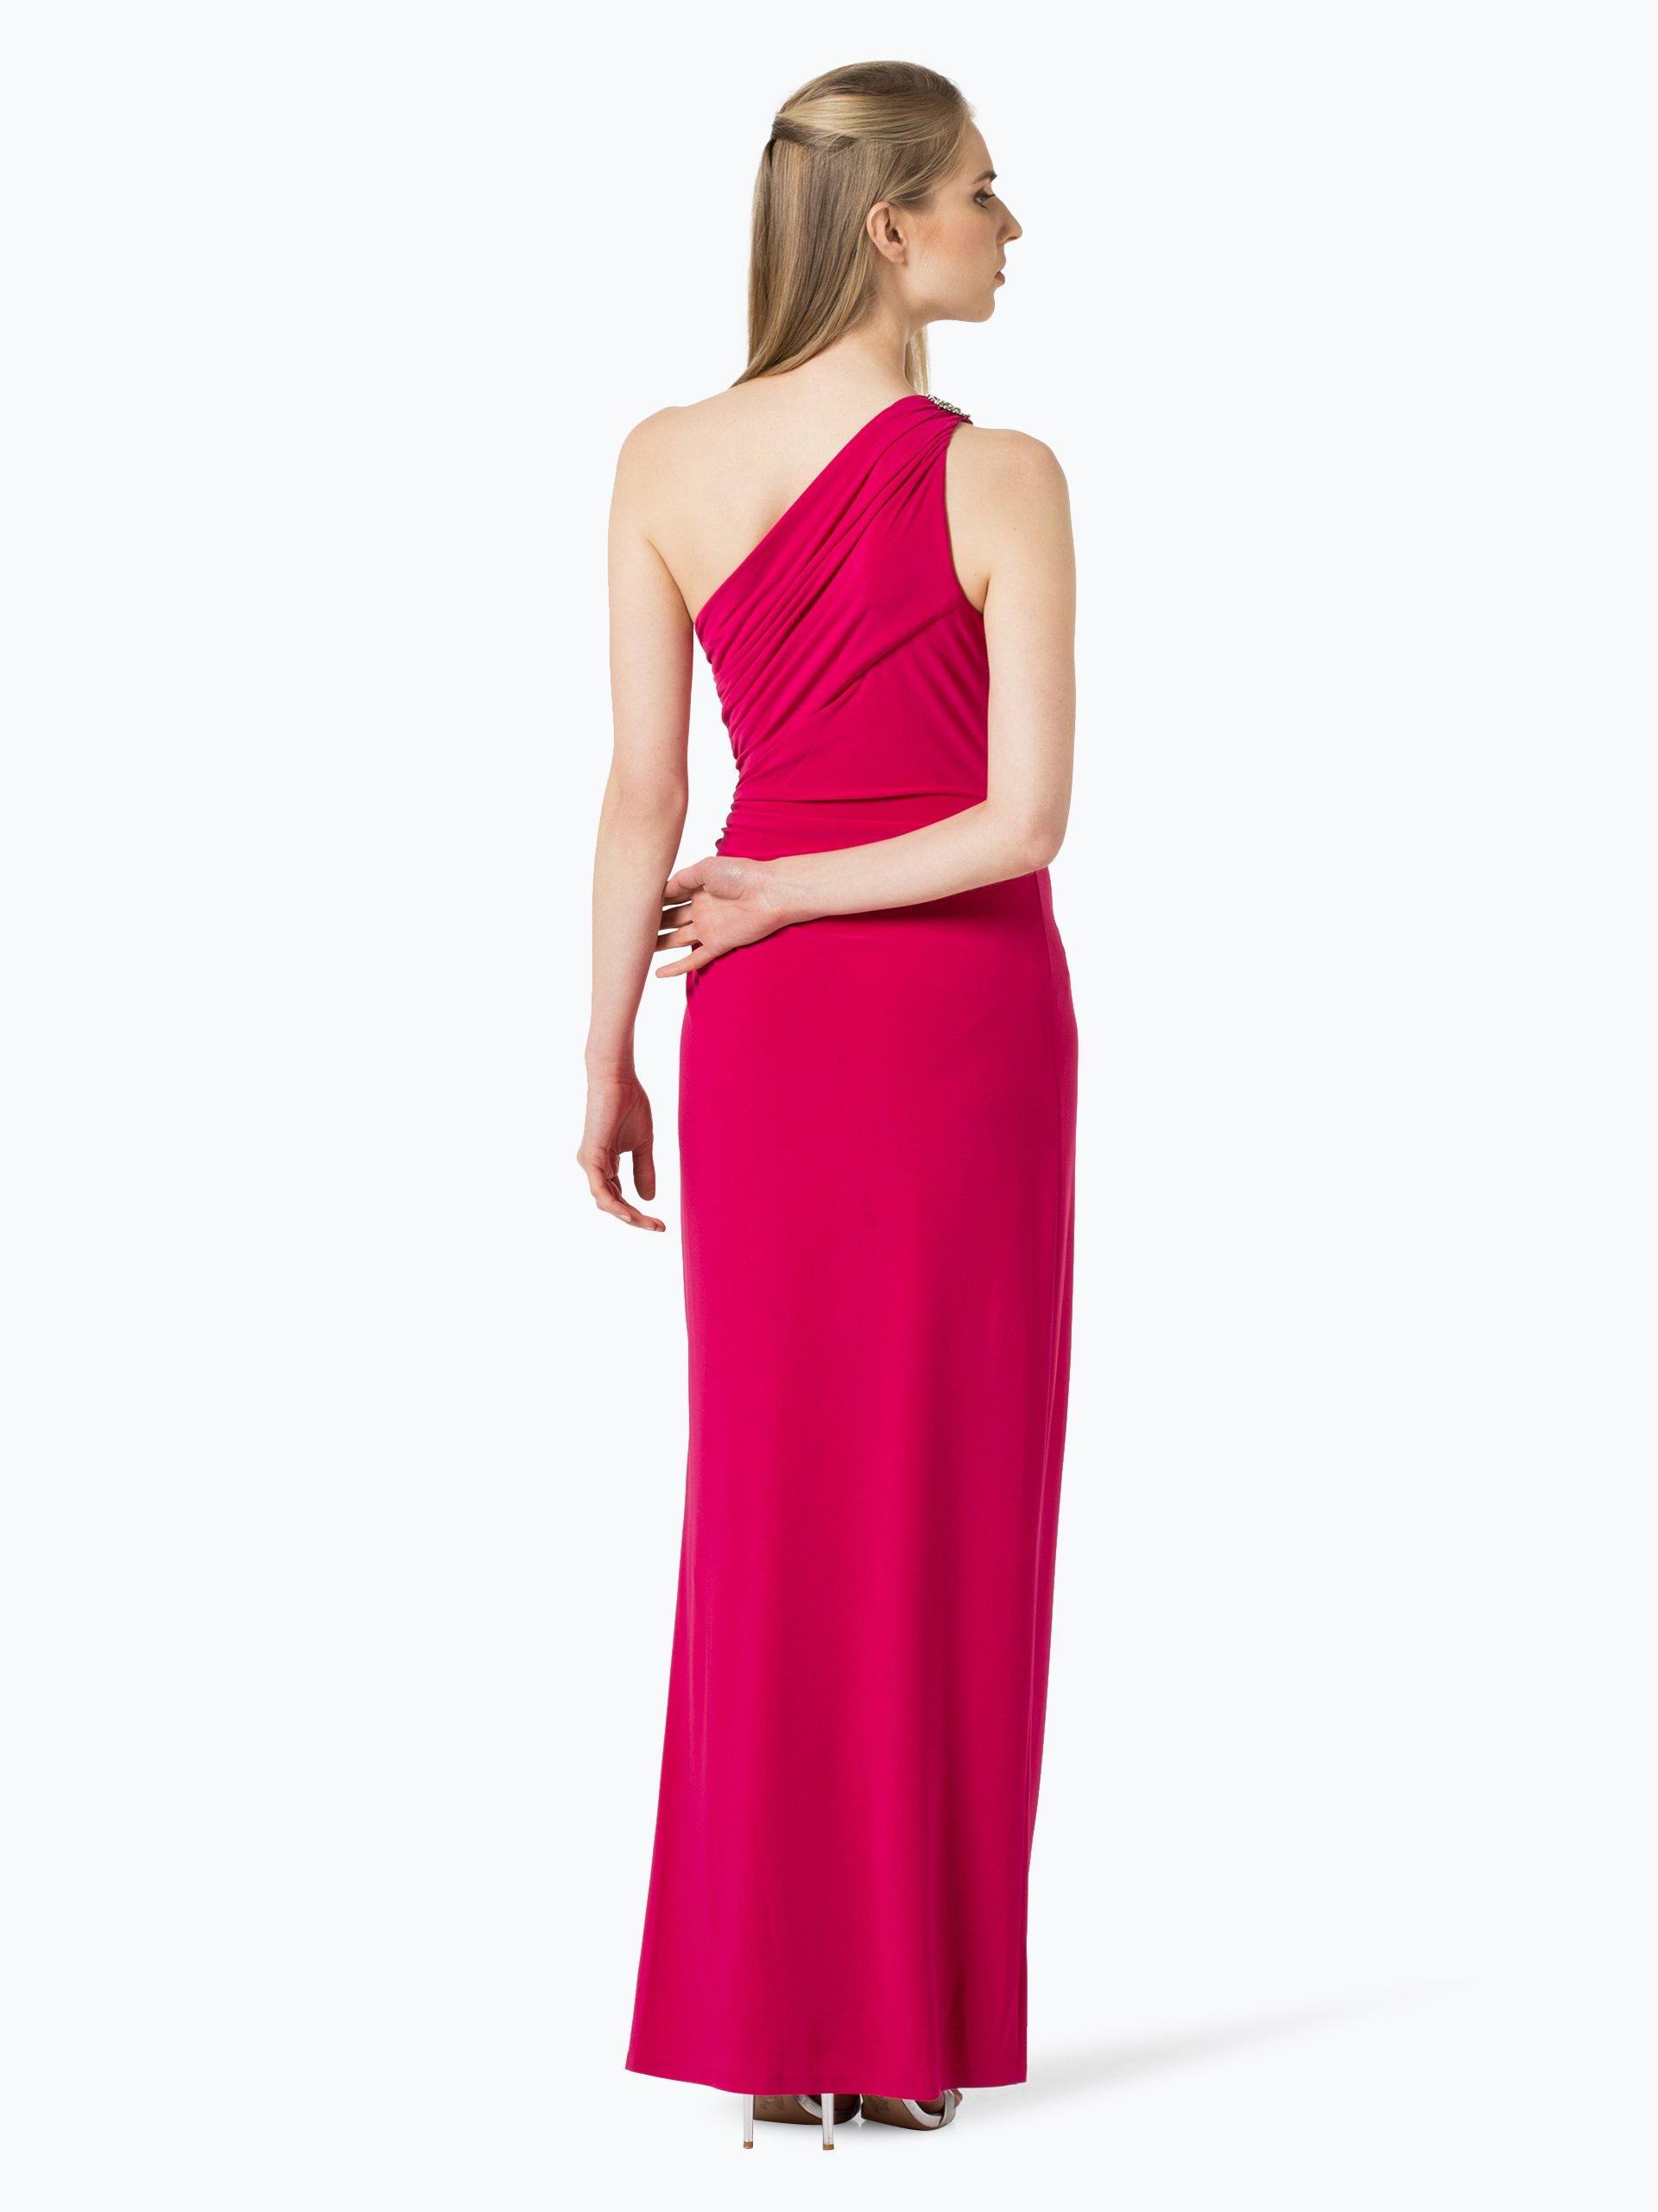 Lauren Damen Abendkleid